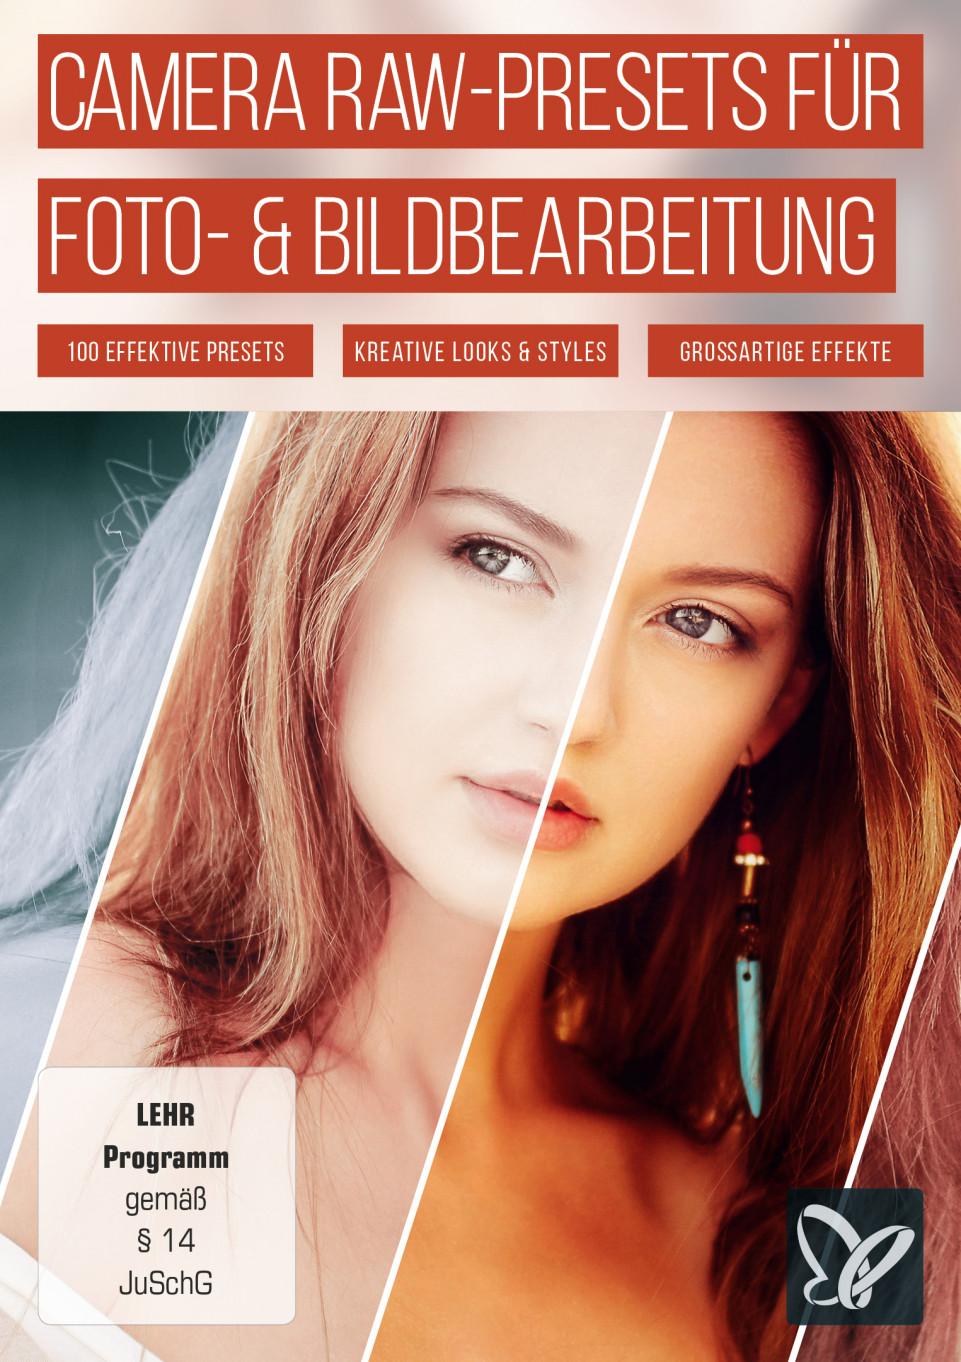 Camera Raw-Presets für Fotografen und Bildbearbeiter